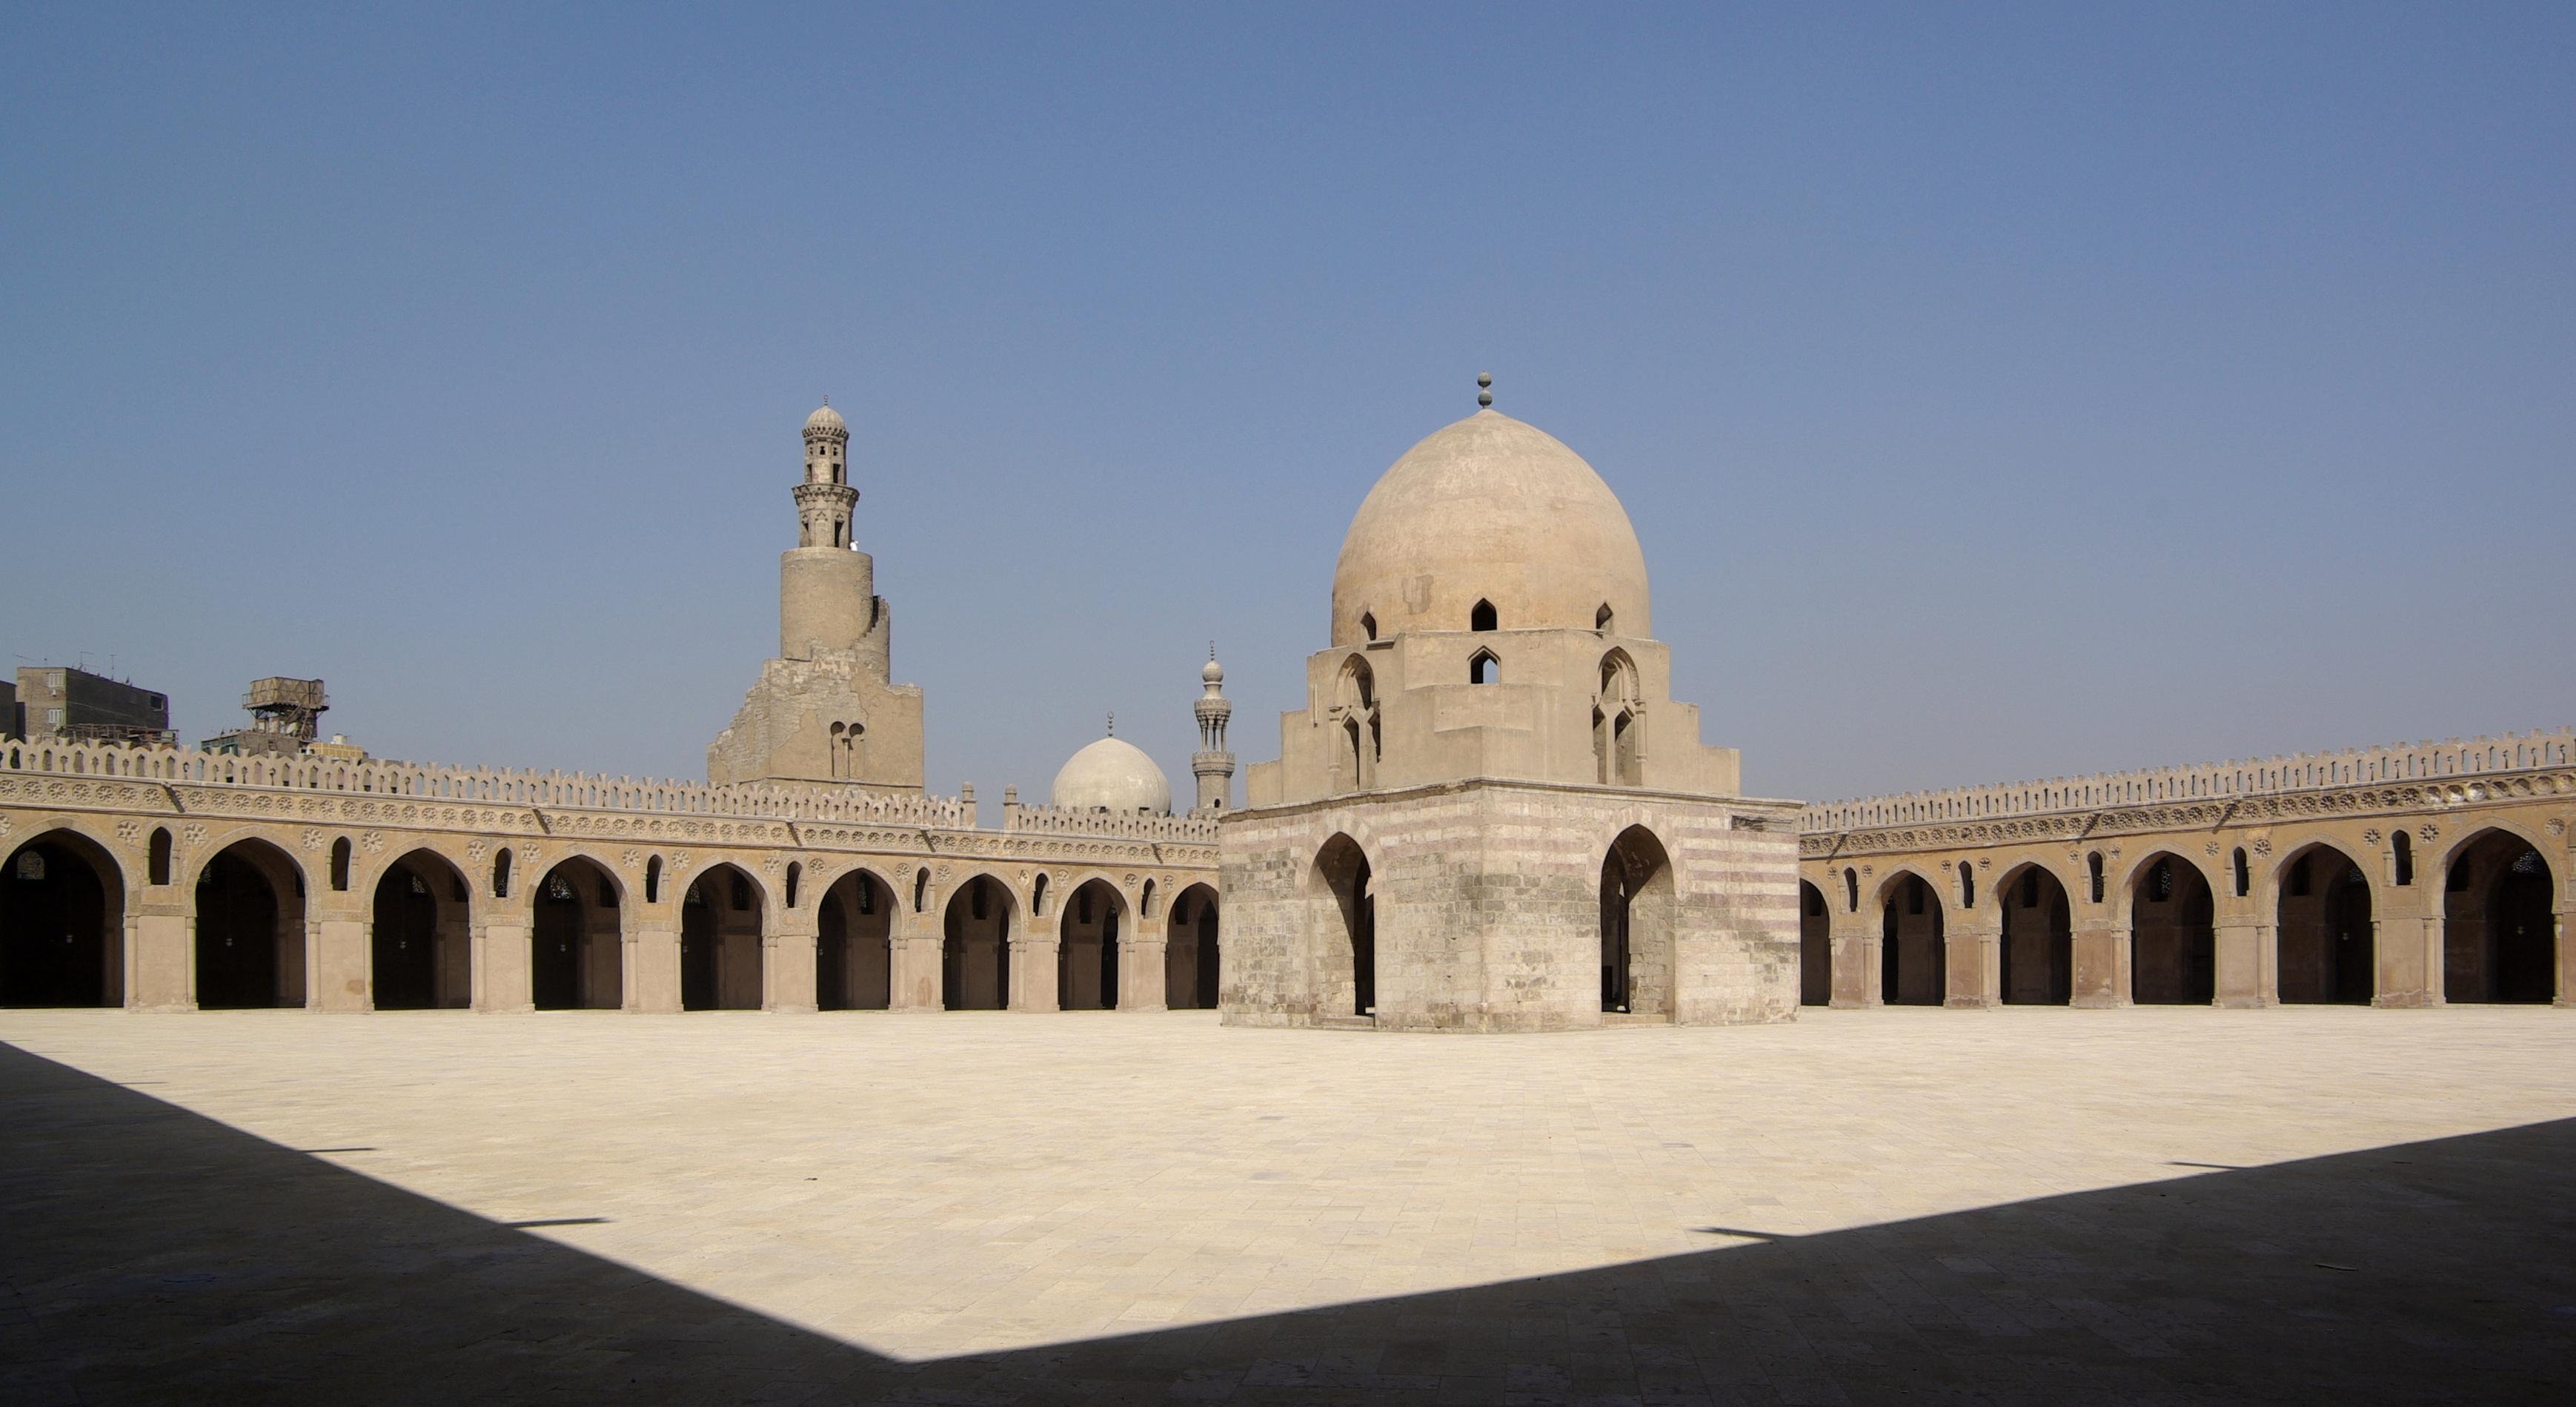 มัสยิด Ibn Tulum Mosque แห่งกรุงไคโร ประเทศอียิปต์